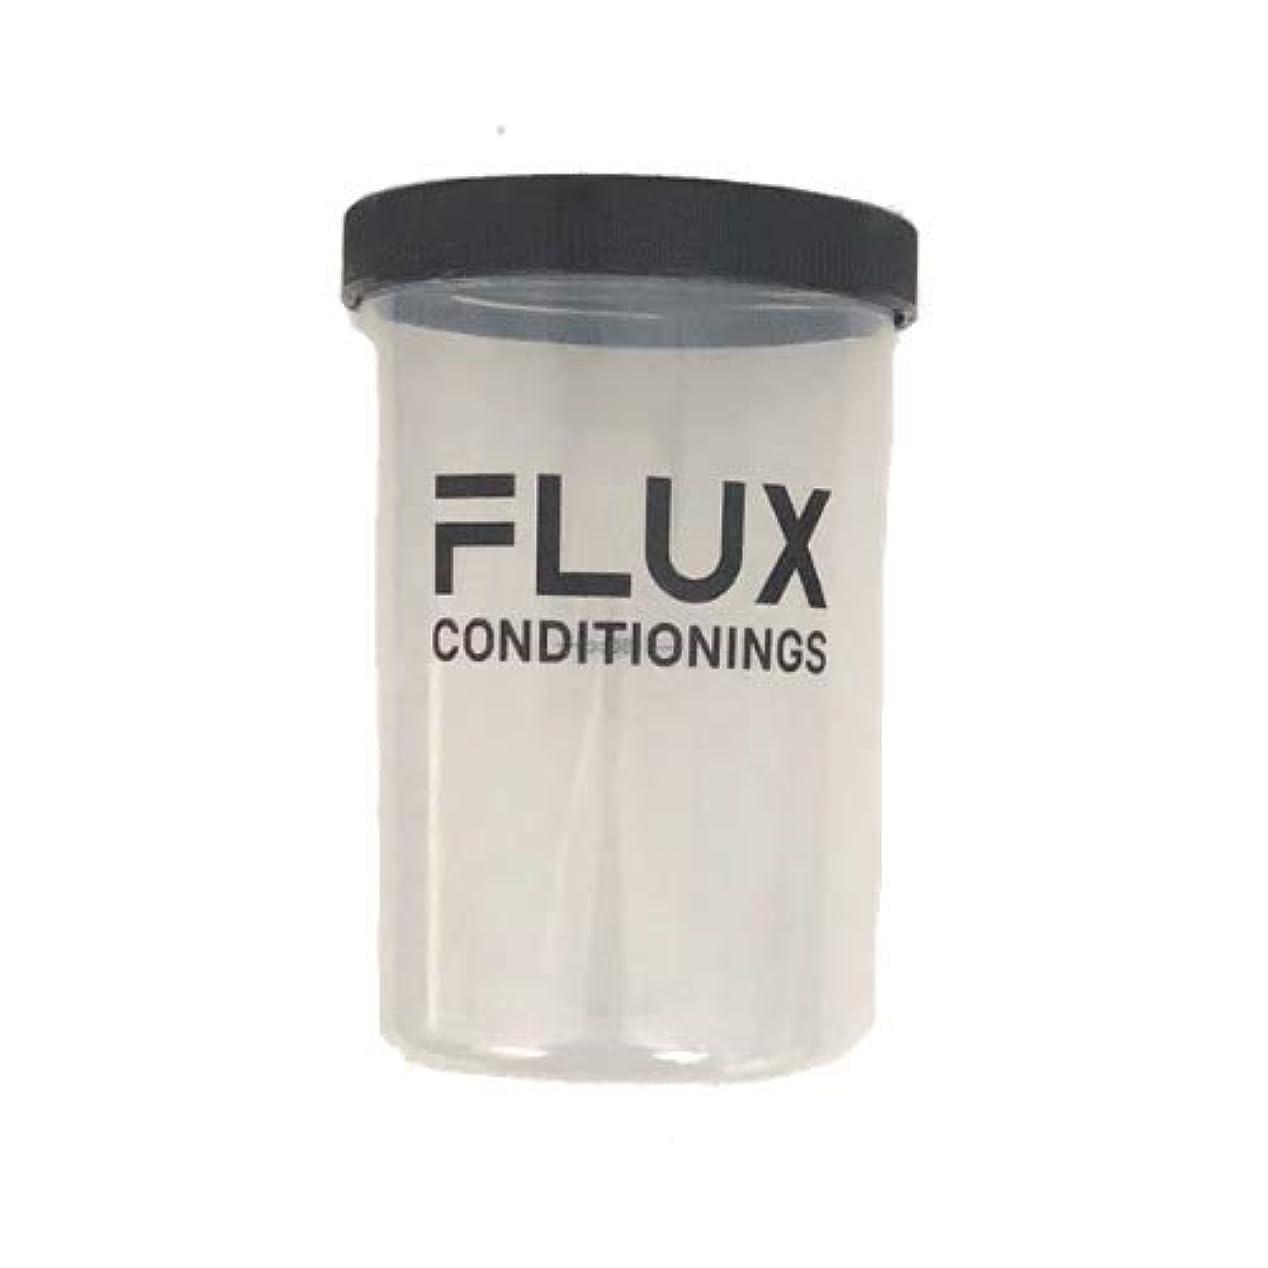 オープニングひそかにスワップ代官山FLUX(フラックス)ジム、プロテインシェーカー (500ml)